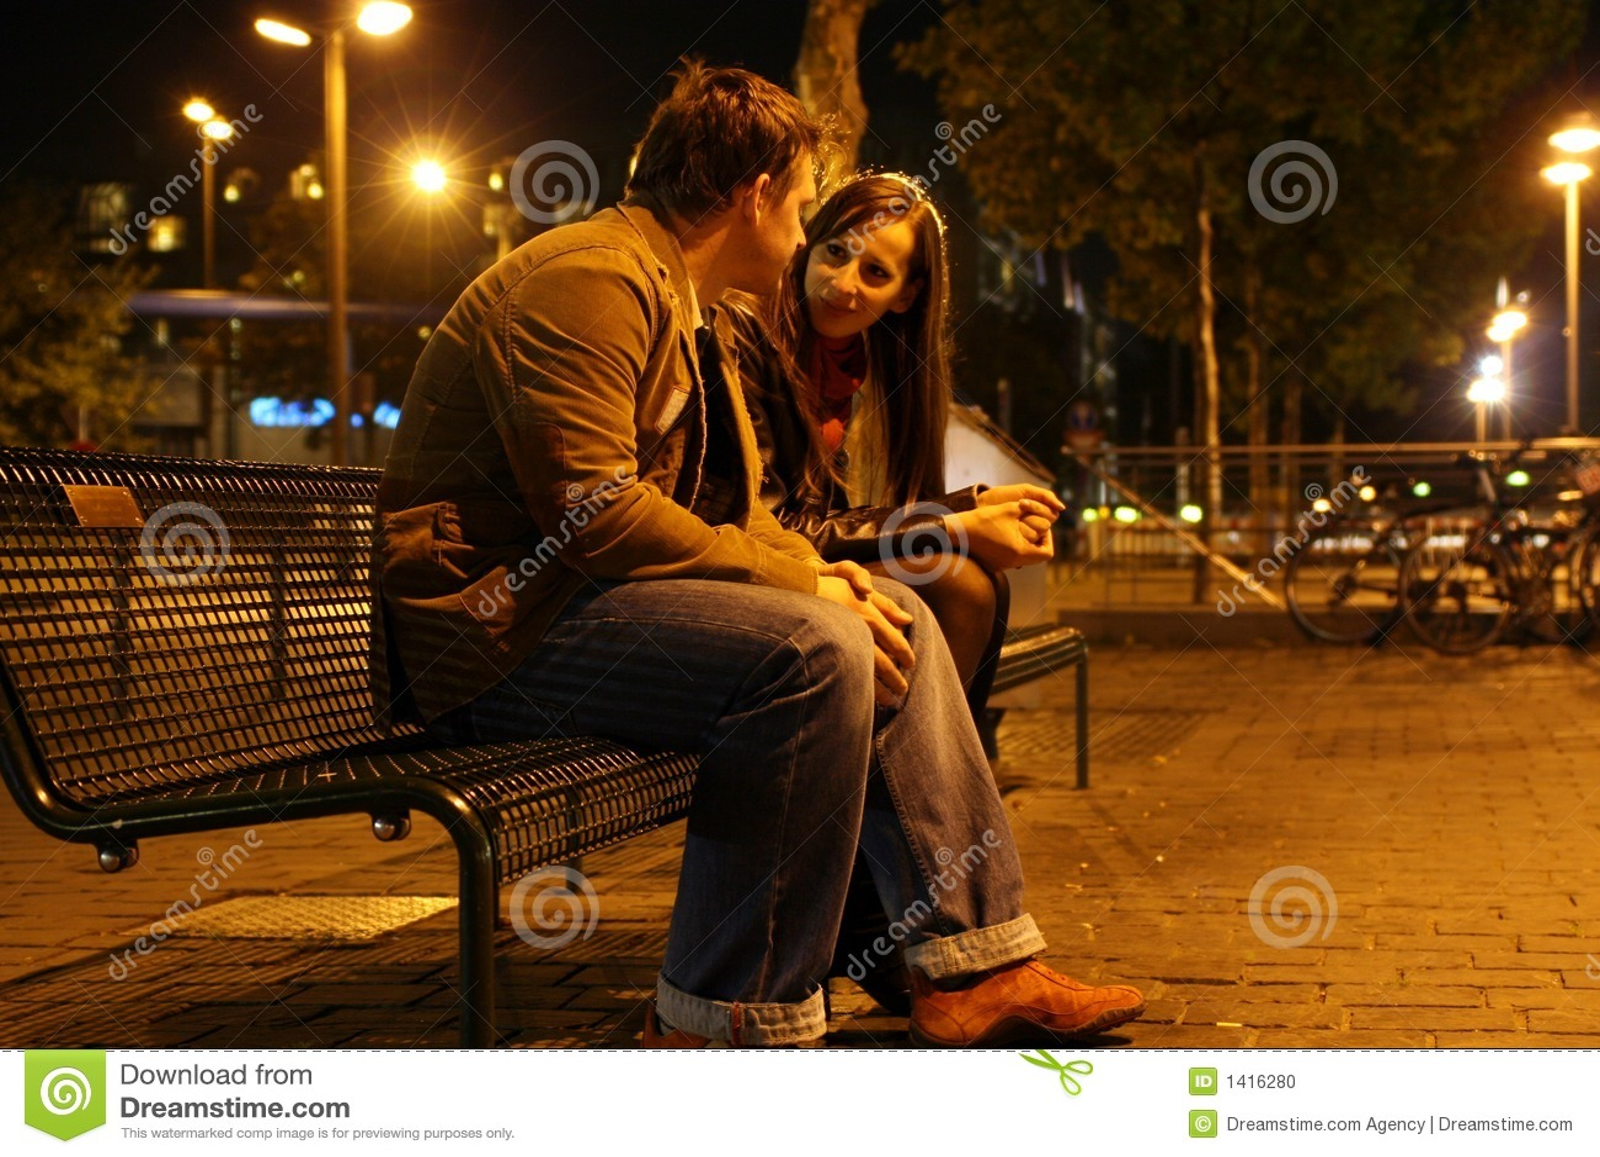 Möteromantiker